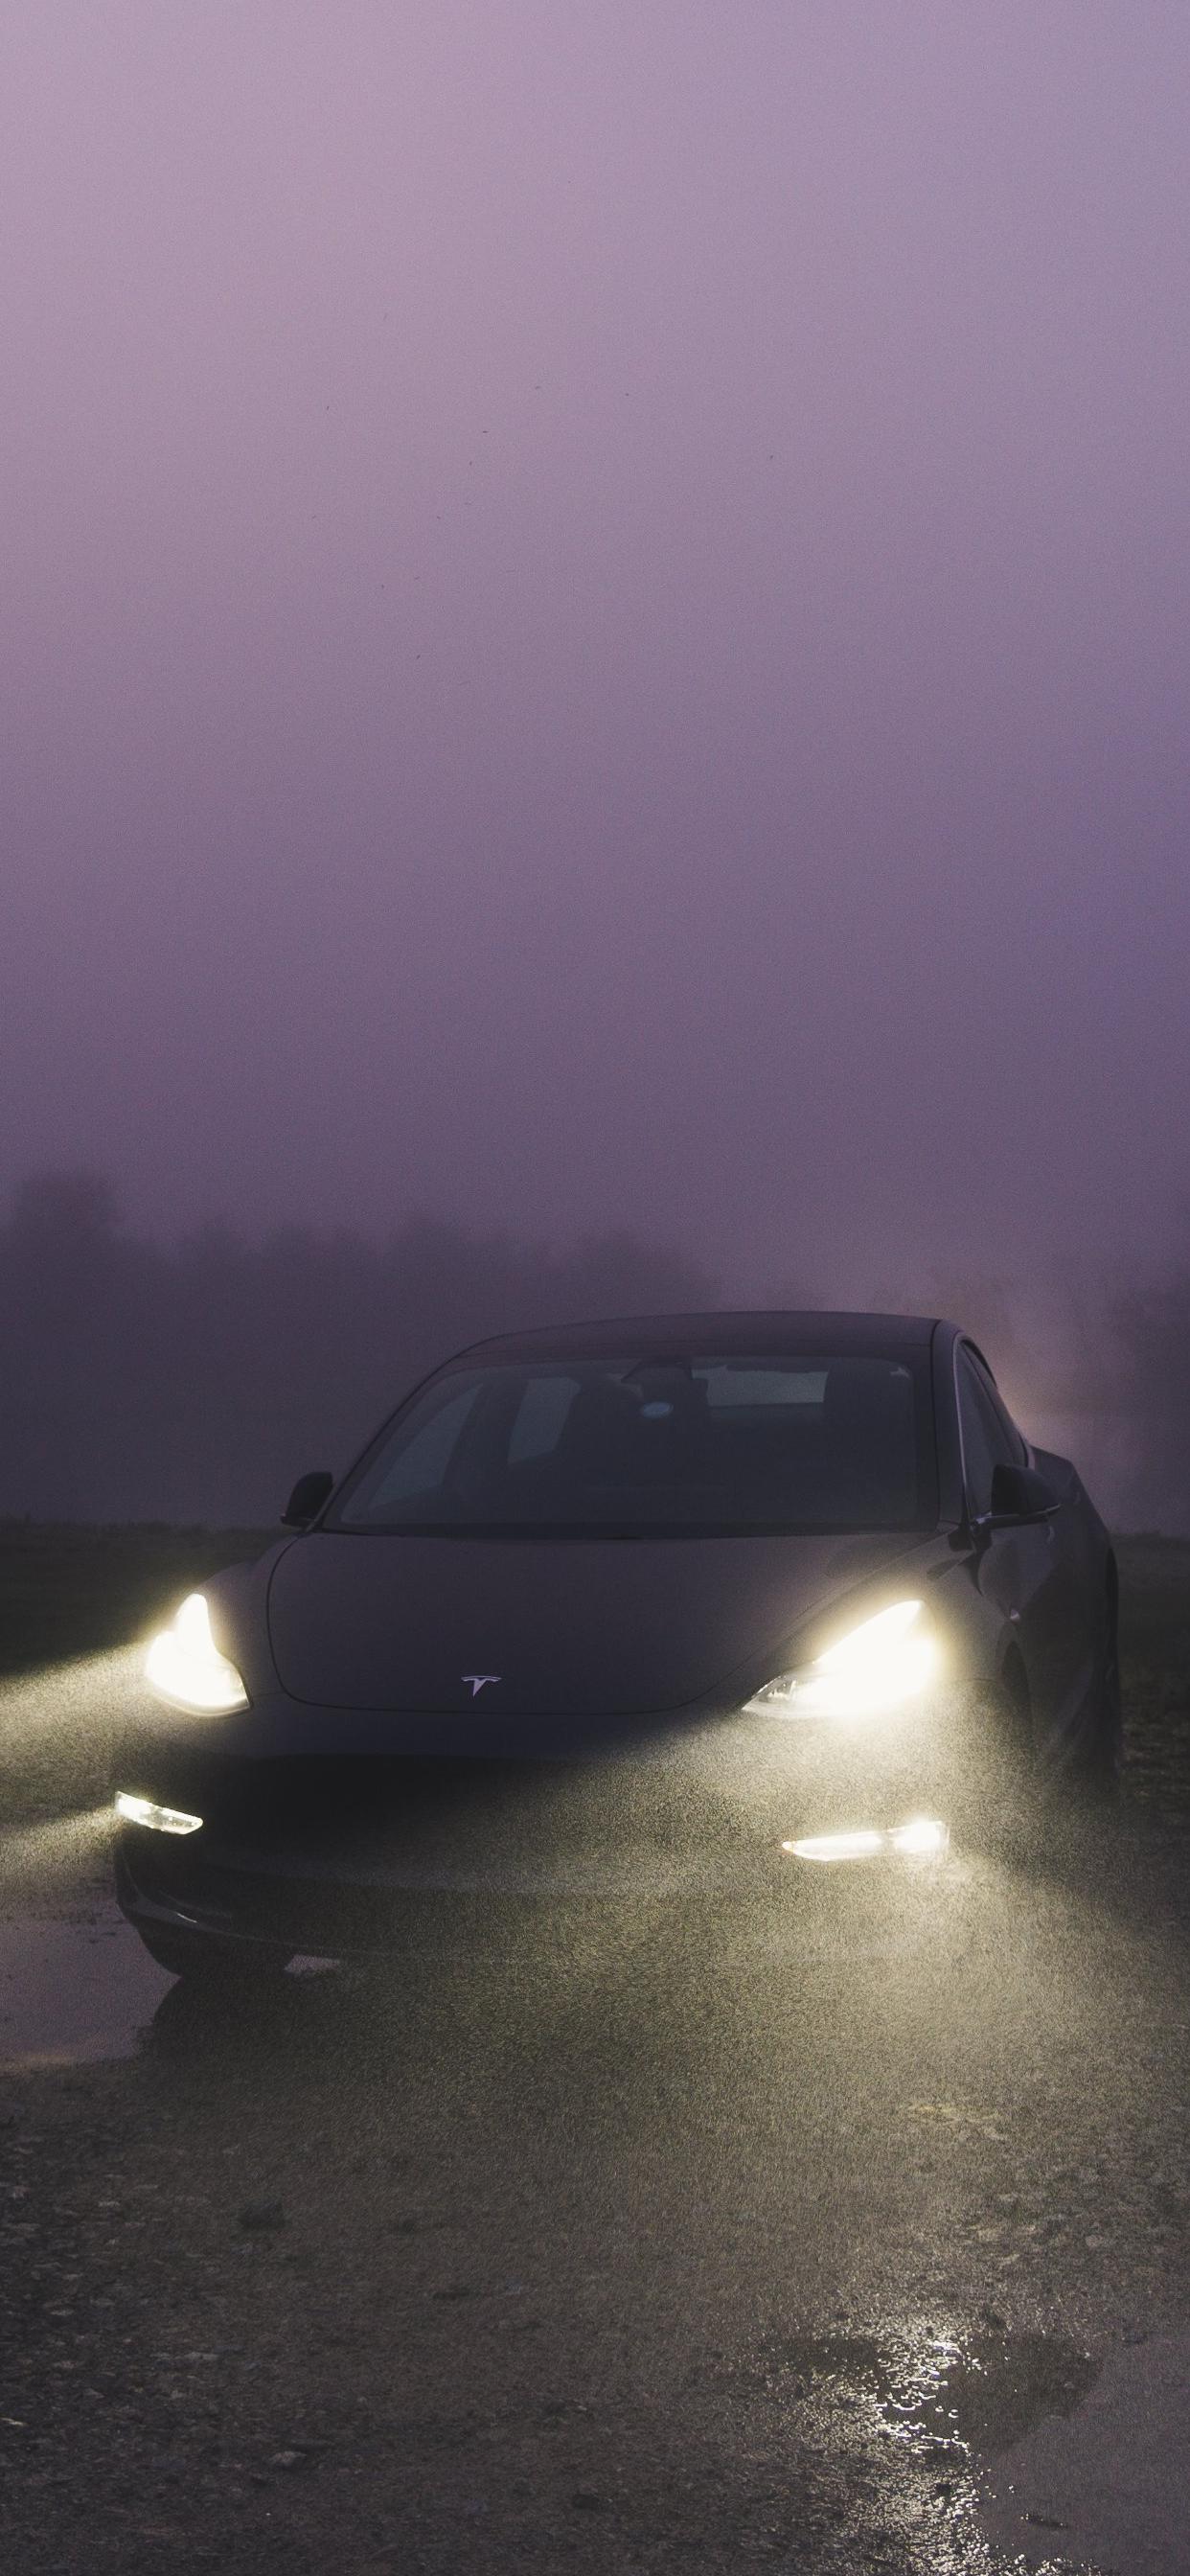 Tesla Model 3 iPhone wallpaper imgoldsworthy idownloadblog foggy purple